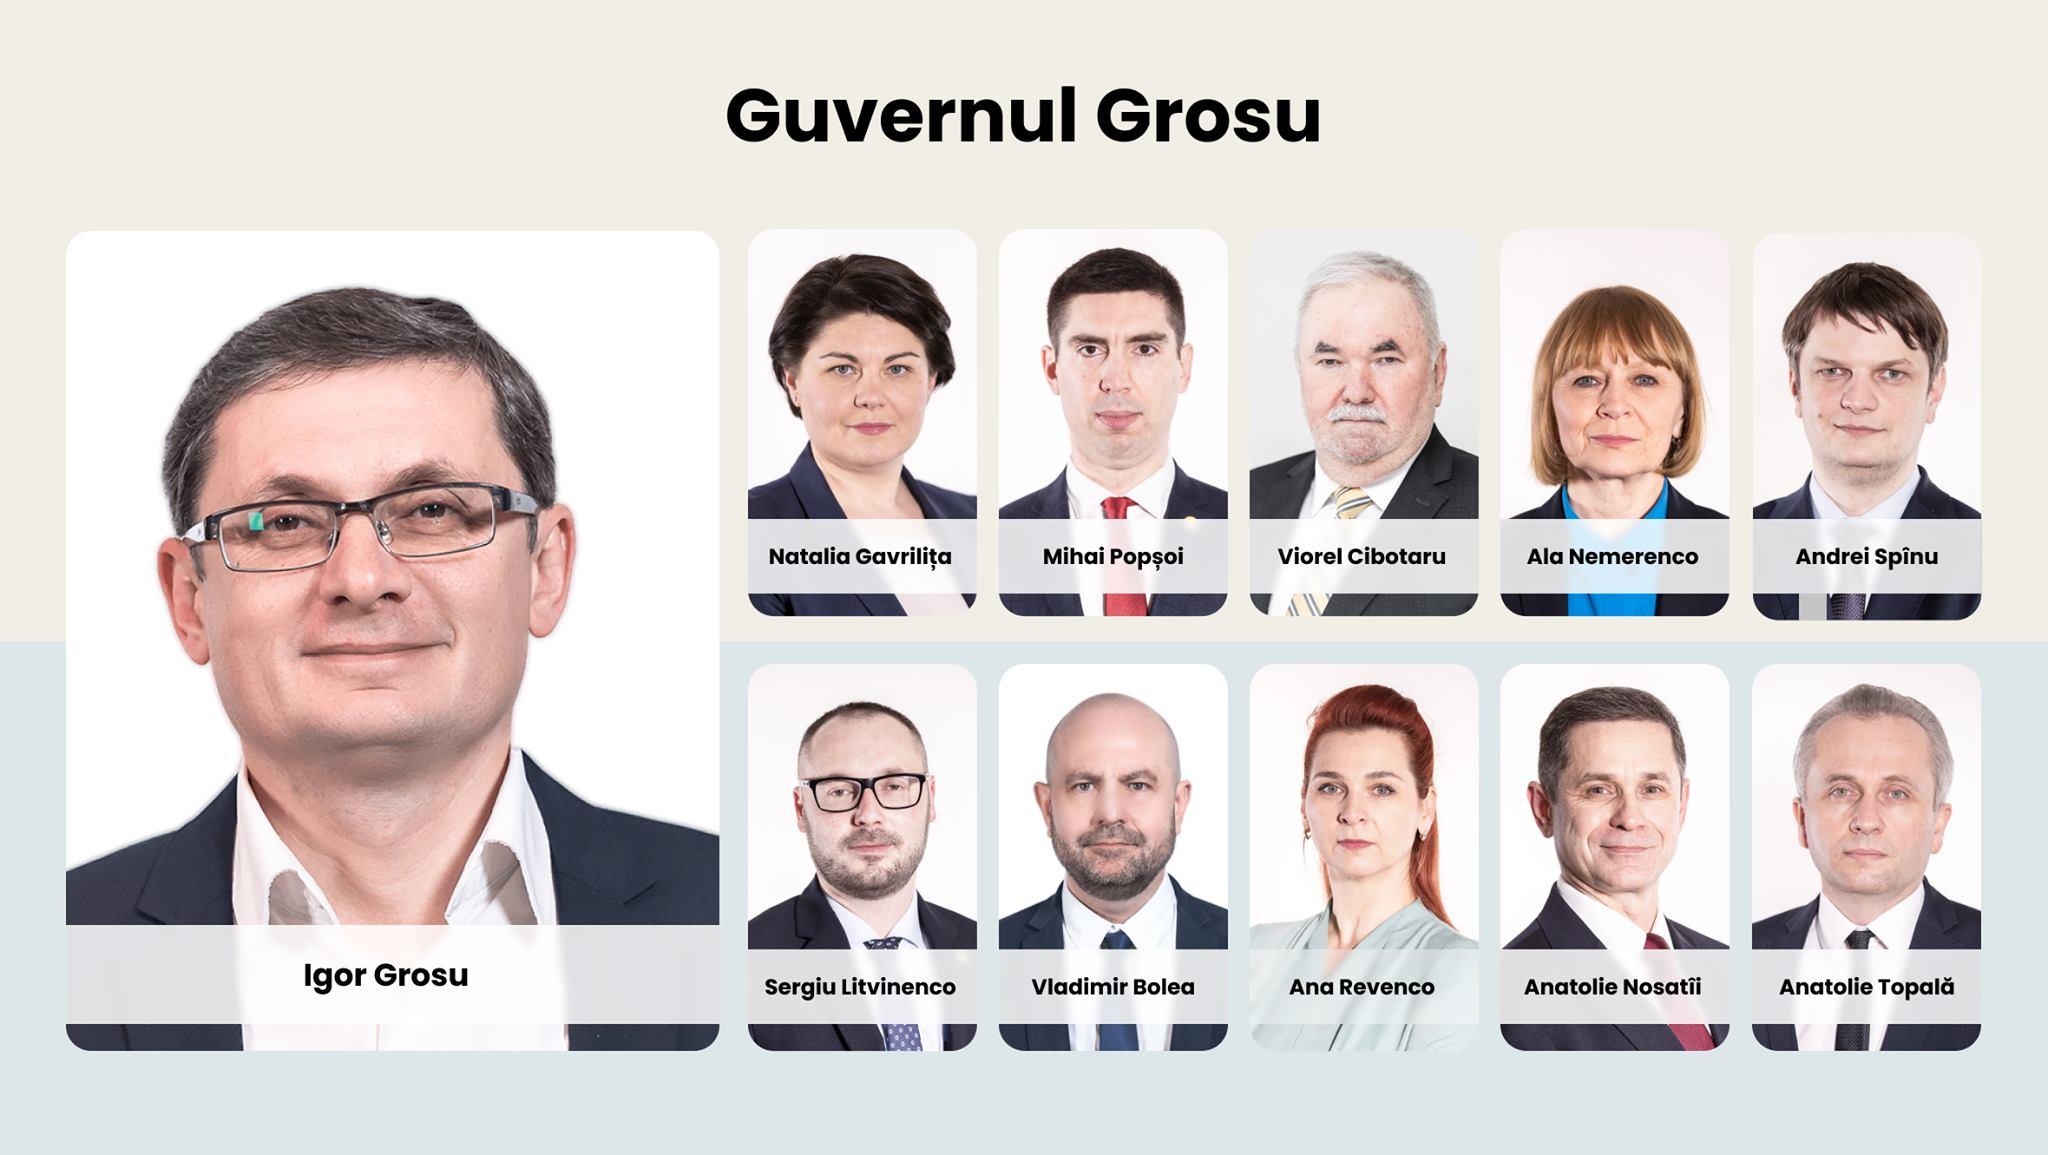 Oficial! Igor Grosu a prezentat public numele miniștrilor